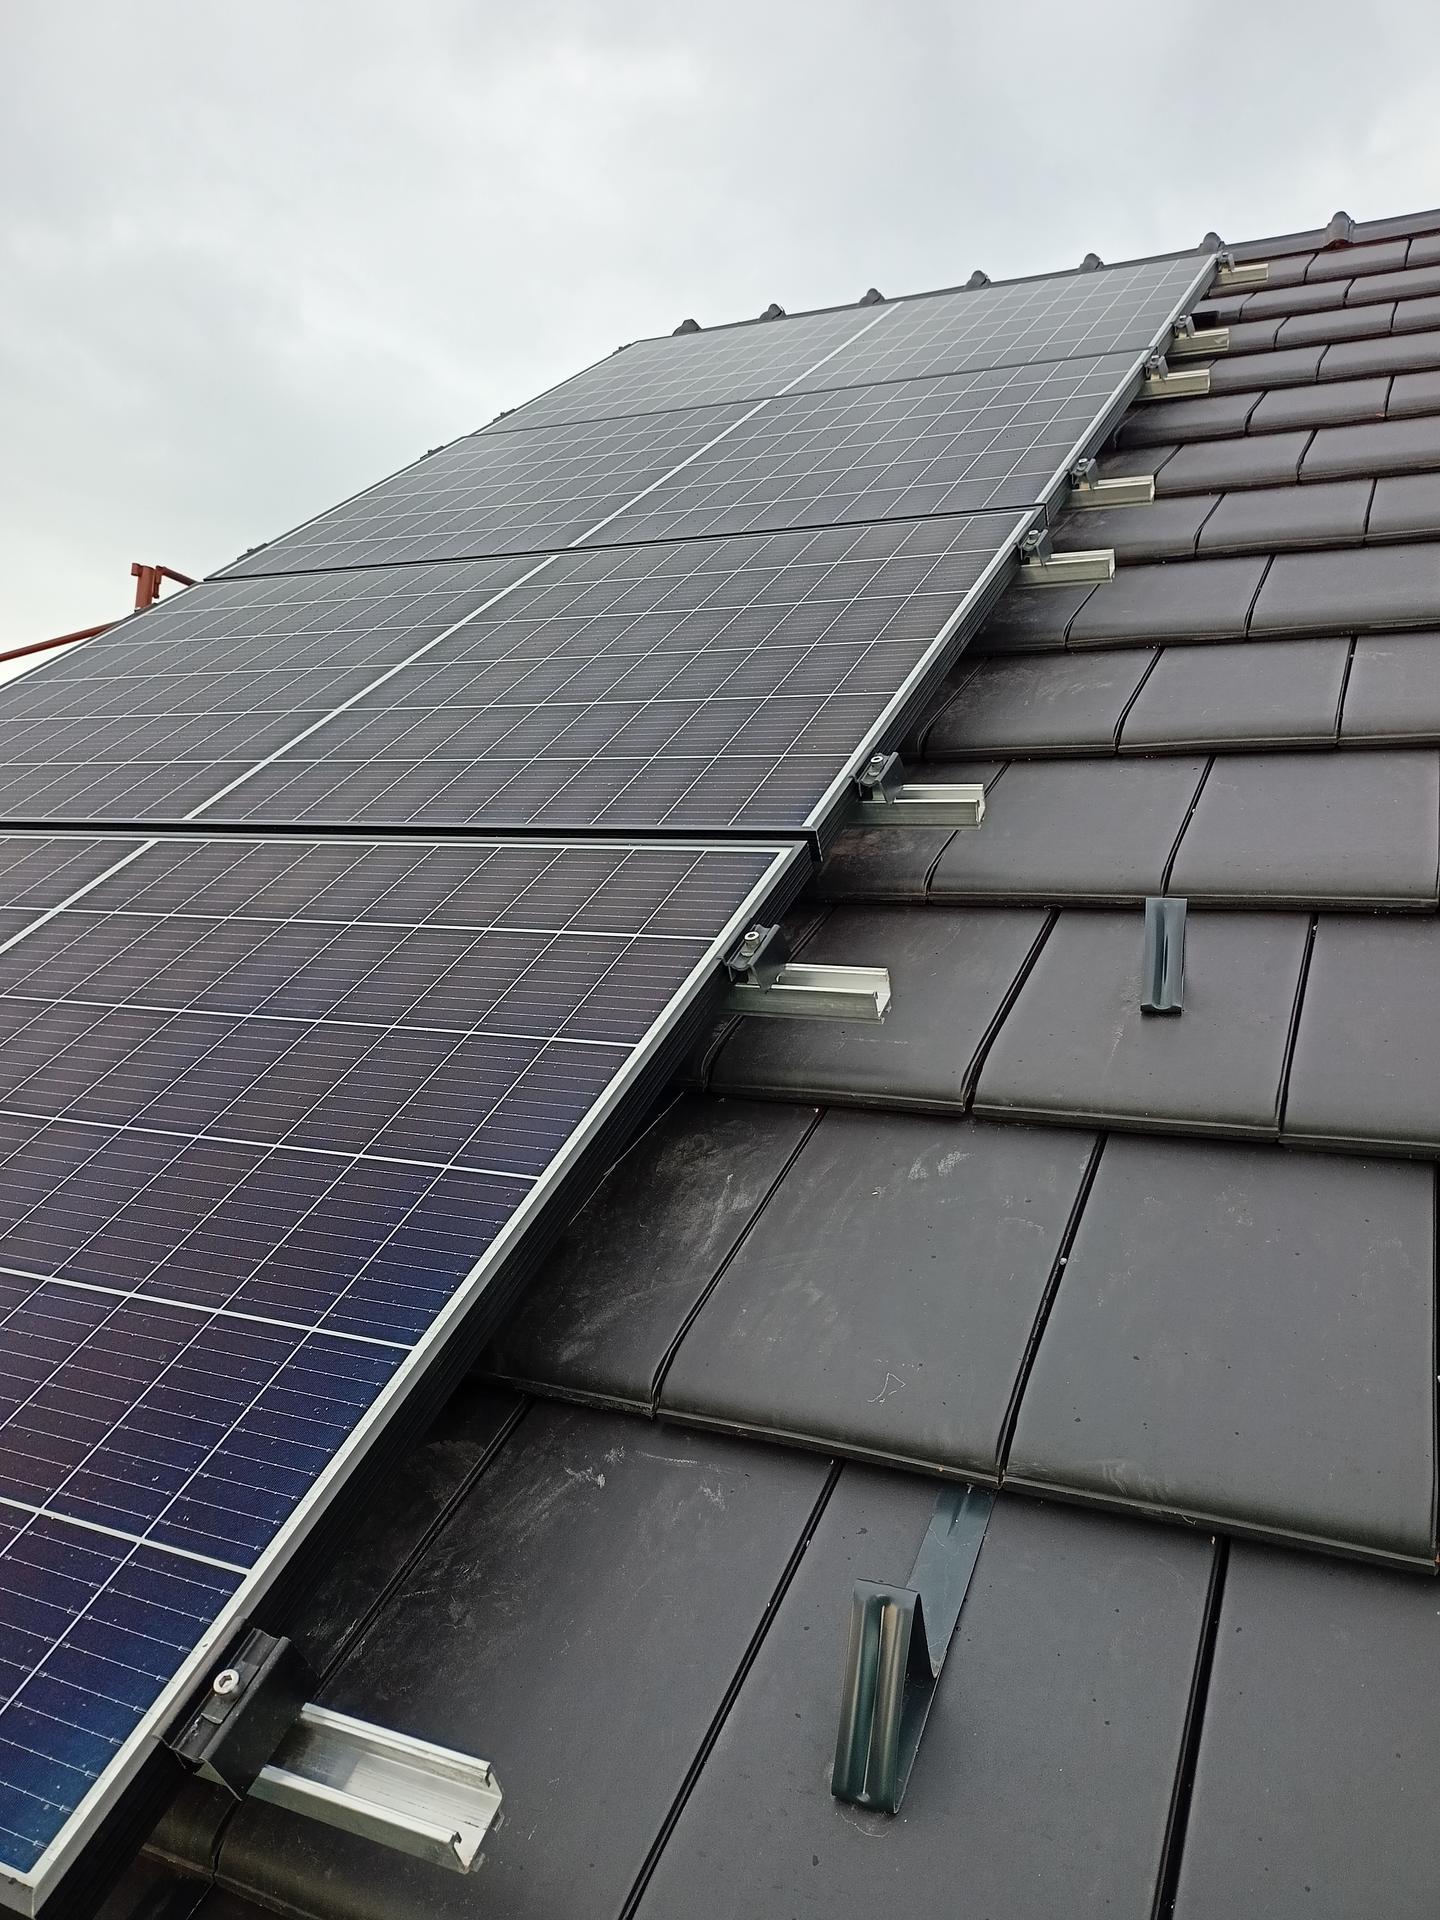 Naše doma - Panely na střeše osazeny